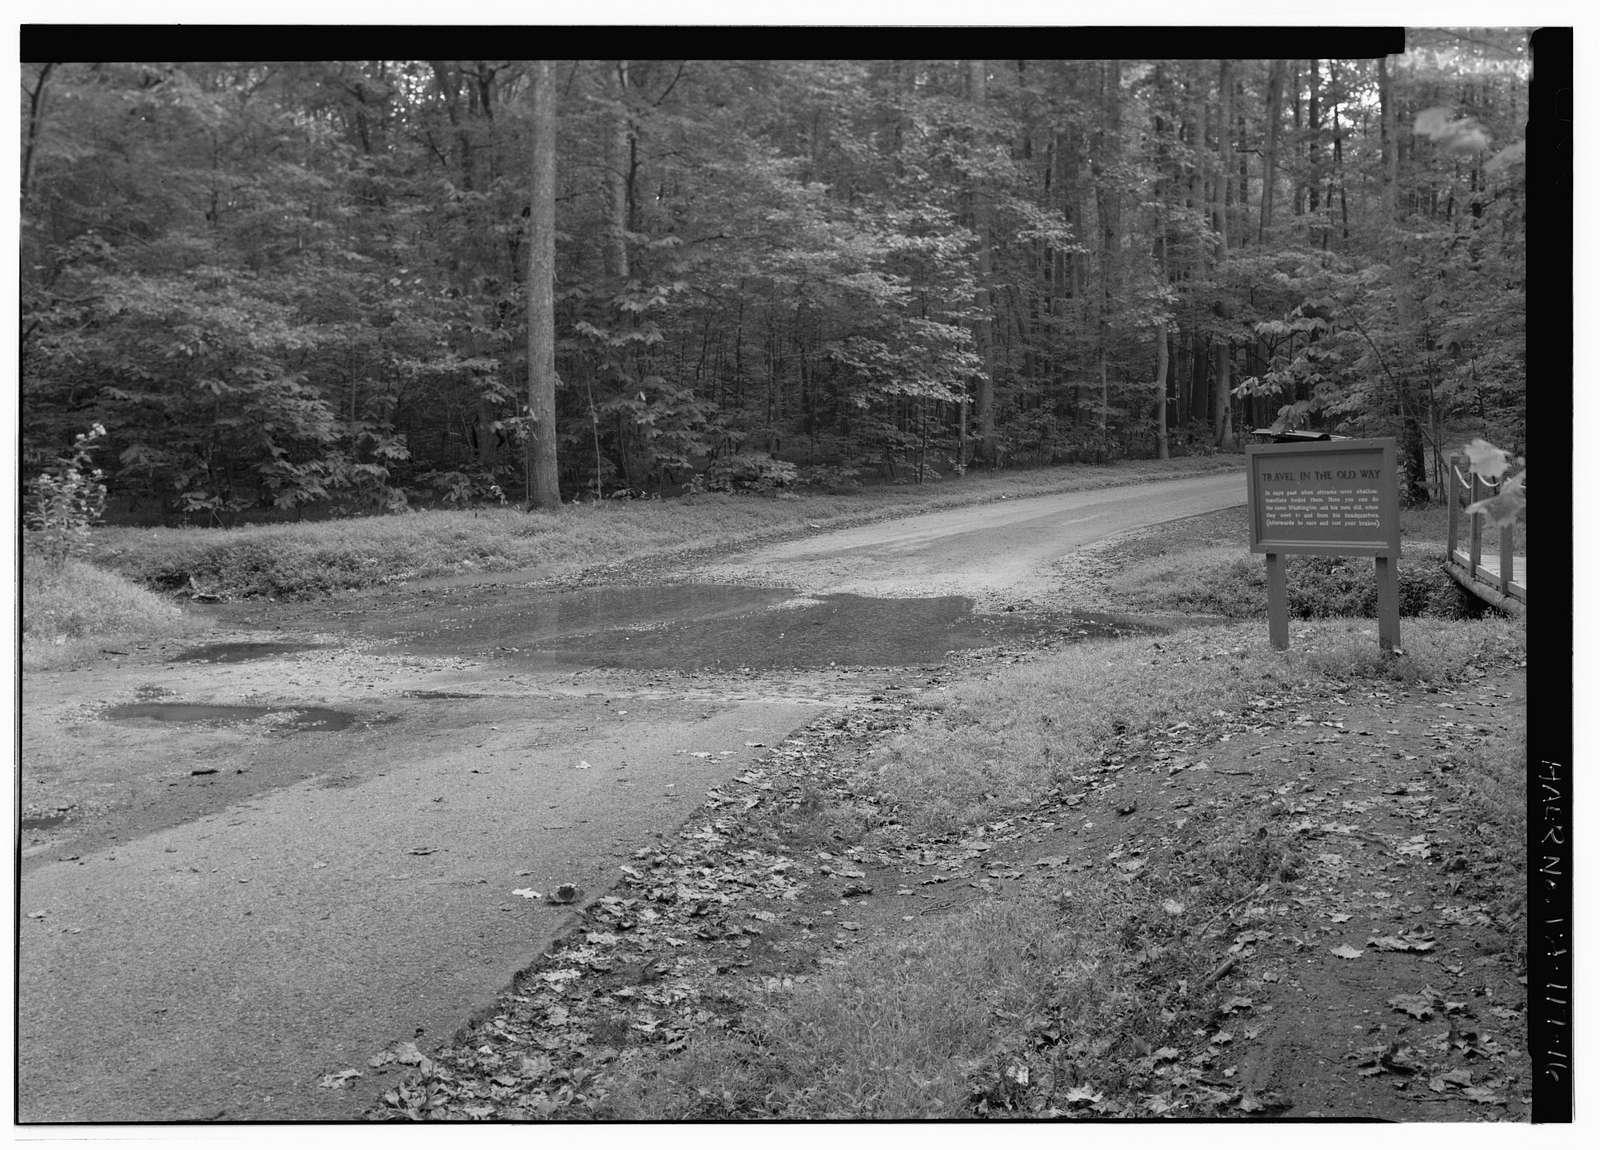 Yorktown Battlefield Tour Roads, Yorktown, York County, VA